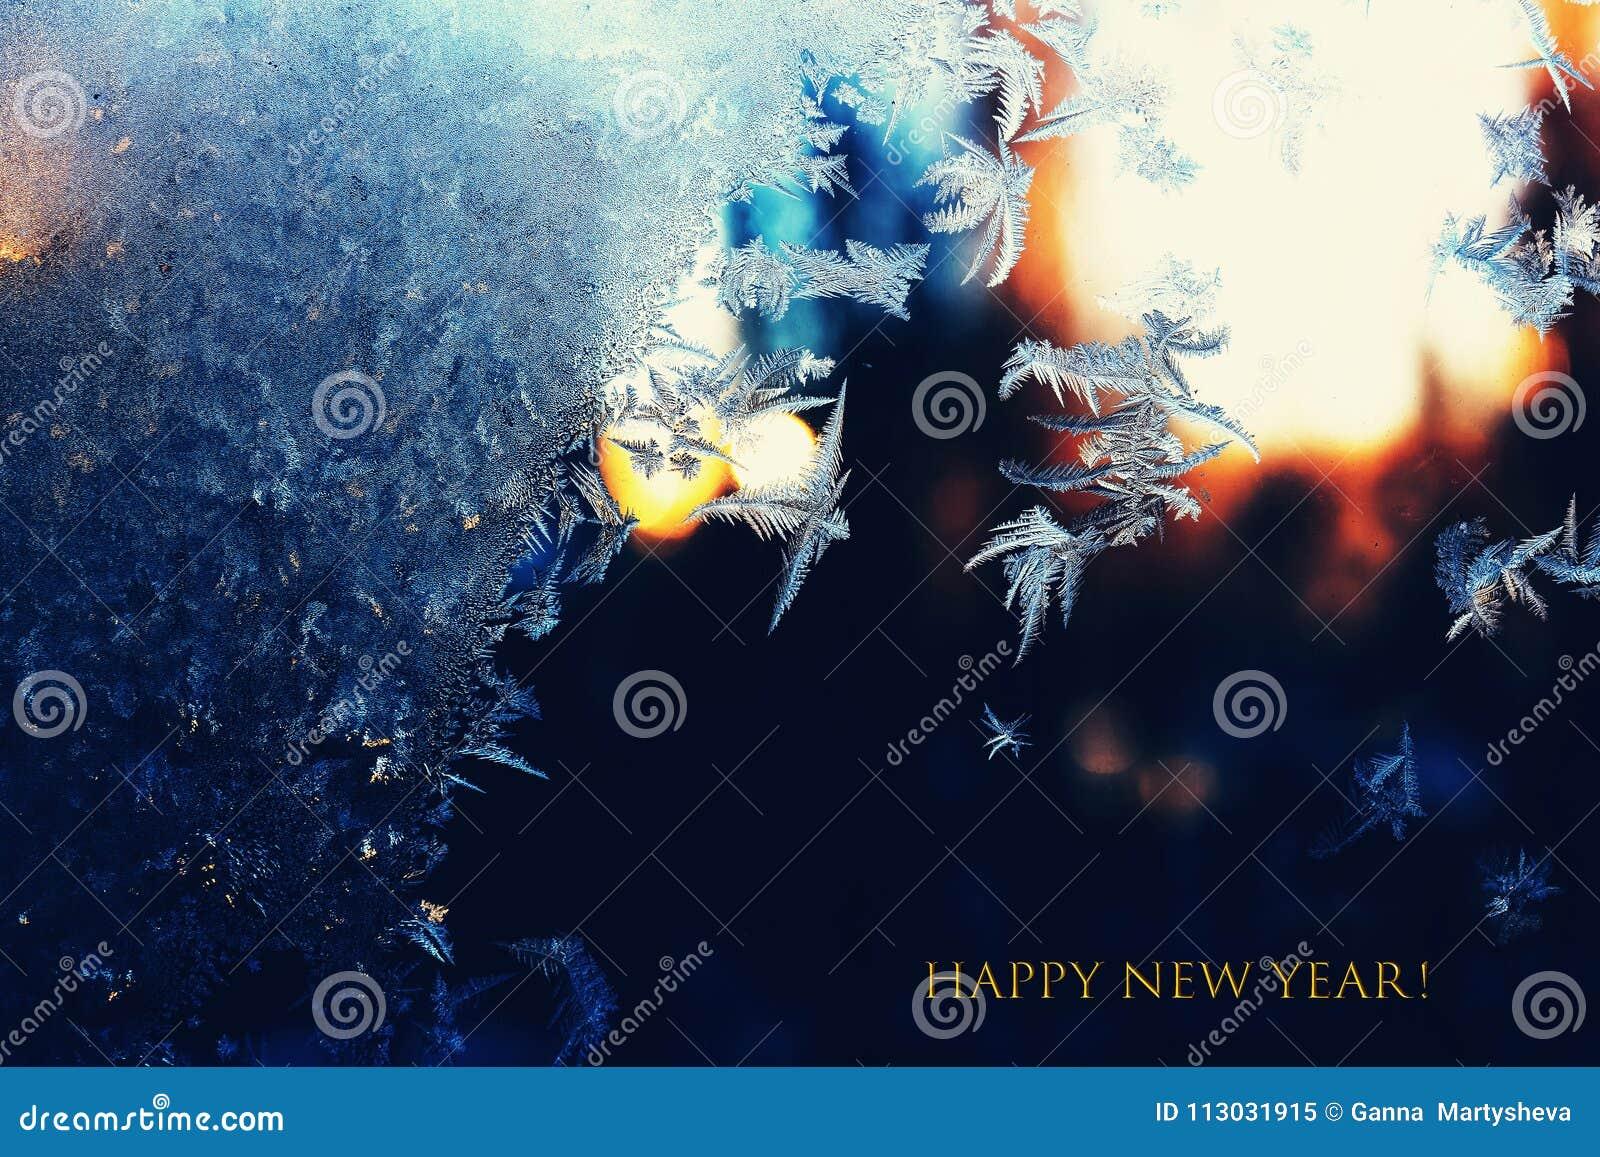 La Navidad, invierno, nieve, blanco, copo de nieve, frío, ventana, helada,